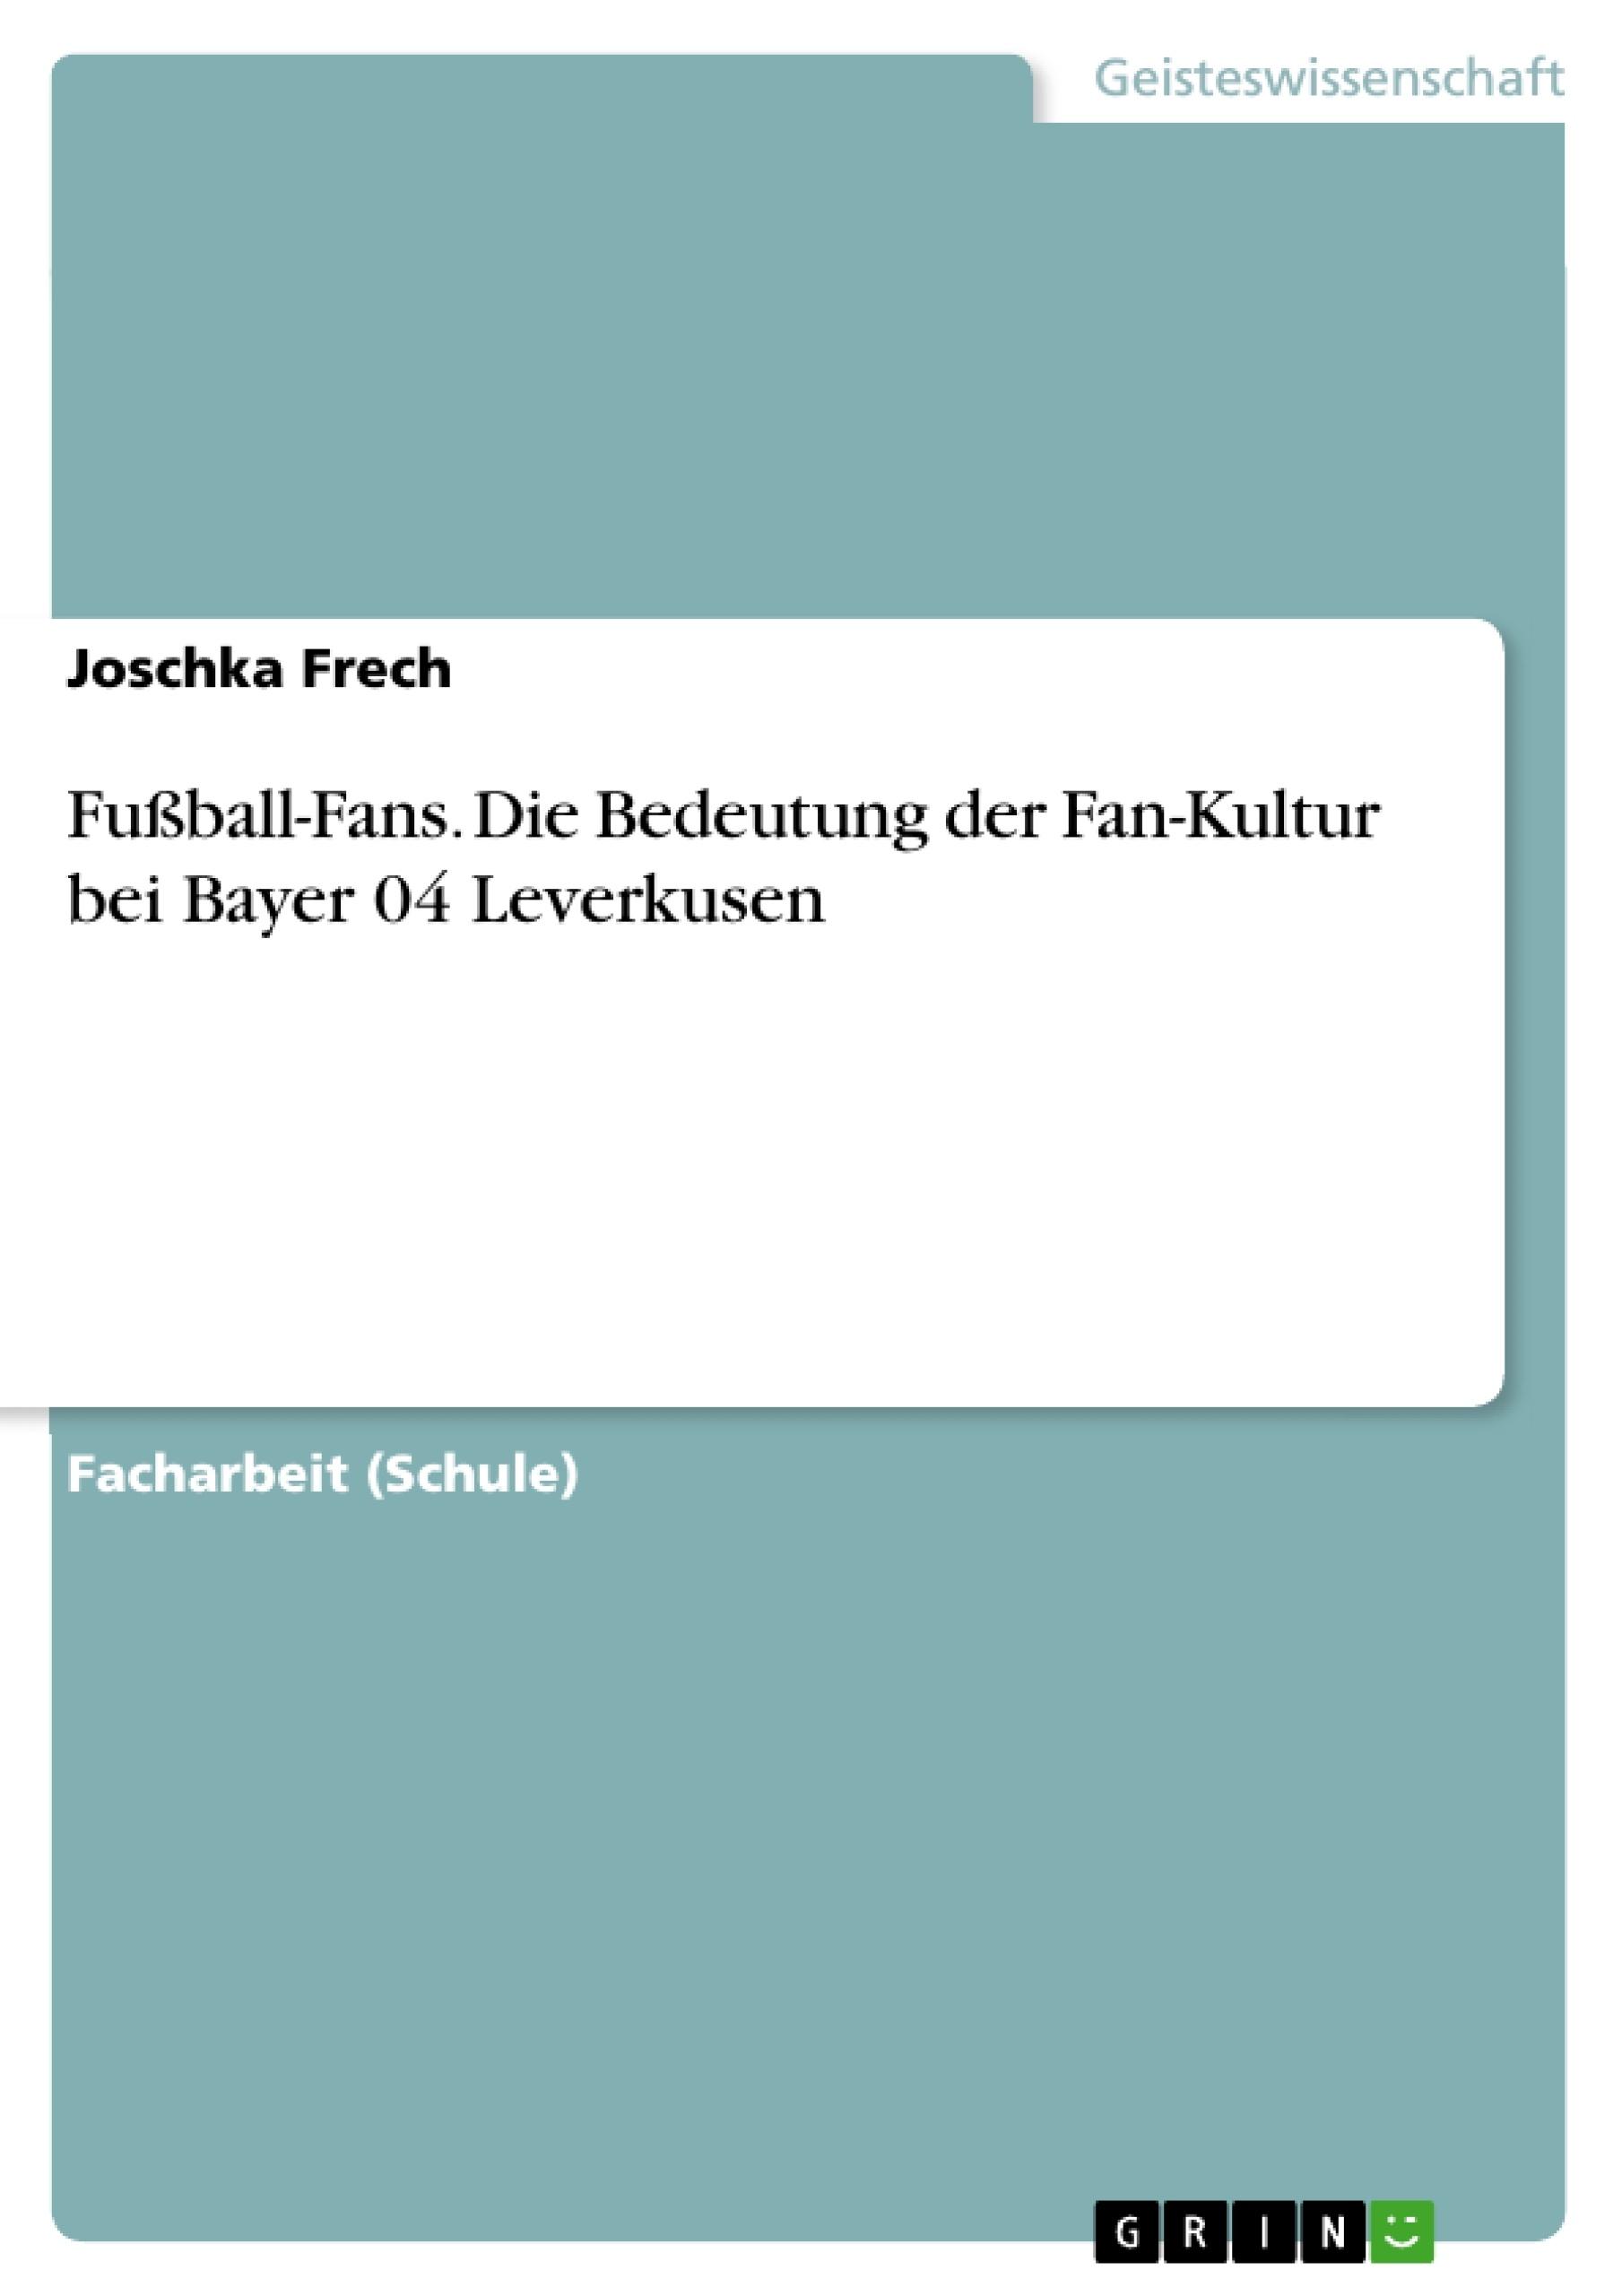 Titel: Fußball-Fans. Die Bedeutung der Fan-Kultur bei Bayer 04 Leverkusen